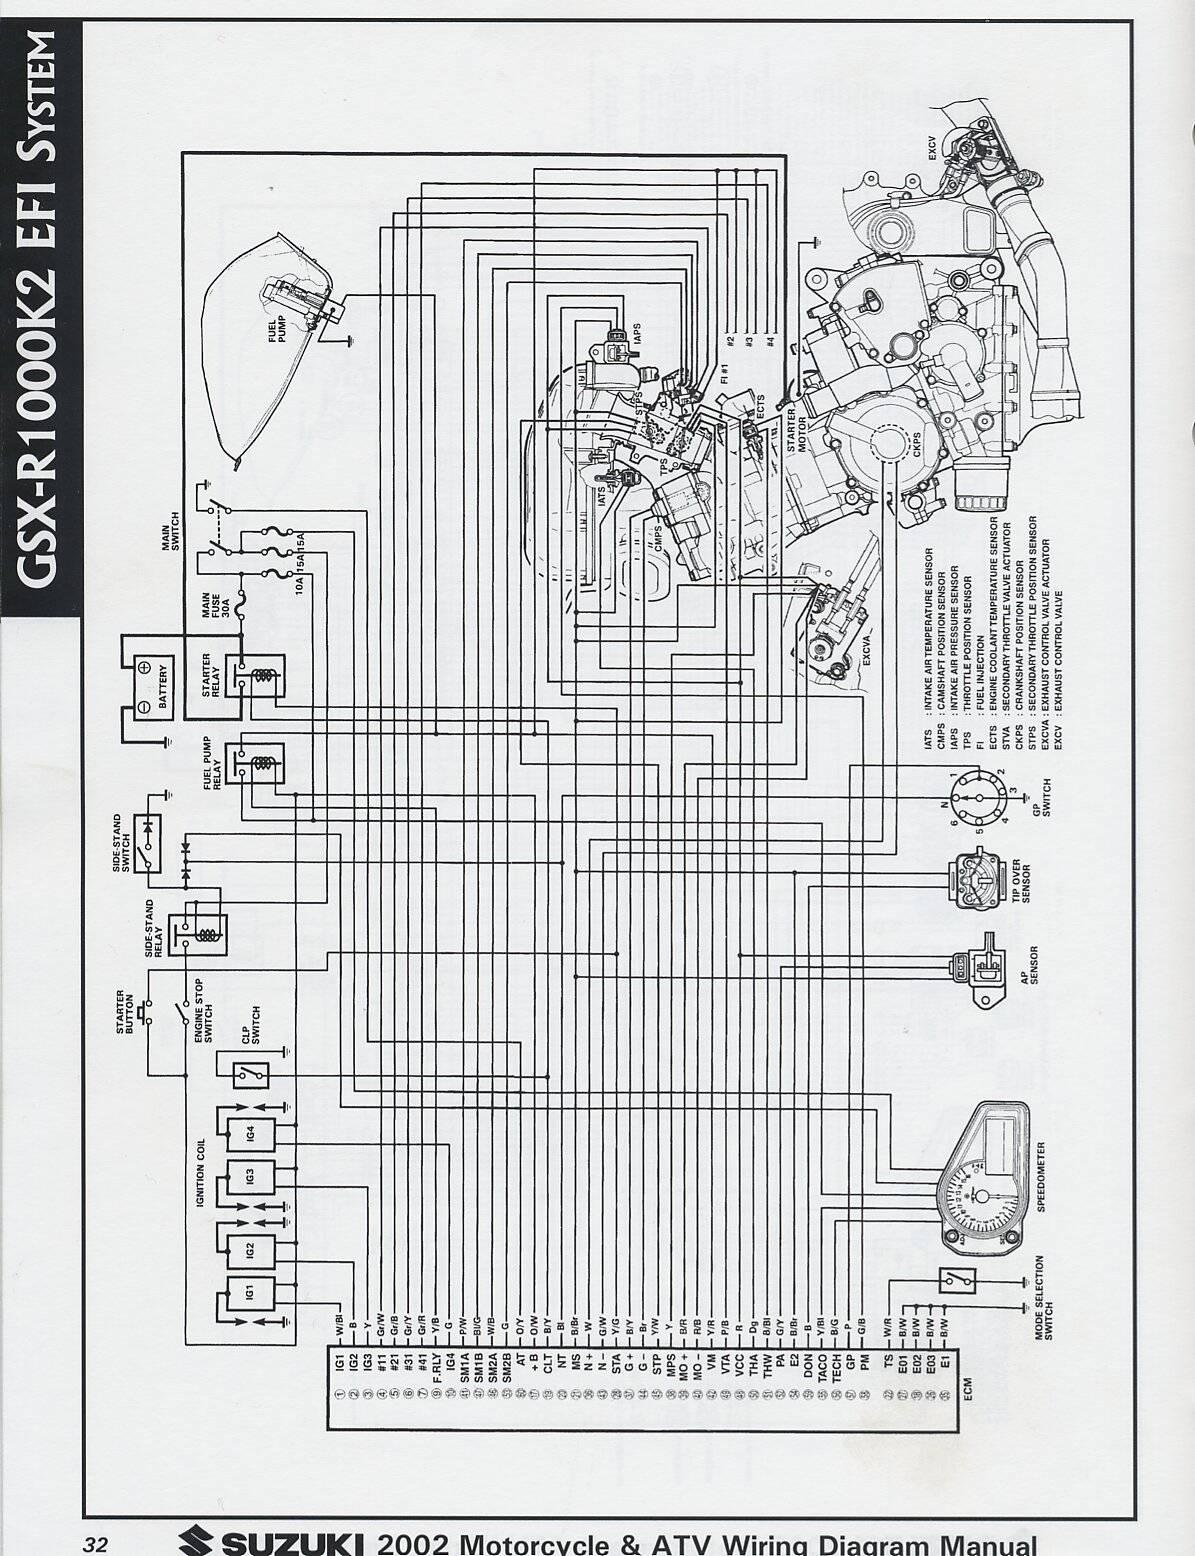 hight resolution of suzuki gsxr 1000 k3 wiring diagram wiring diagram and